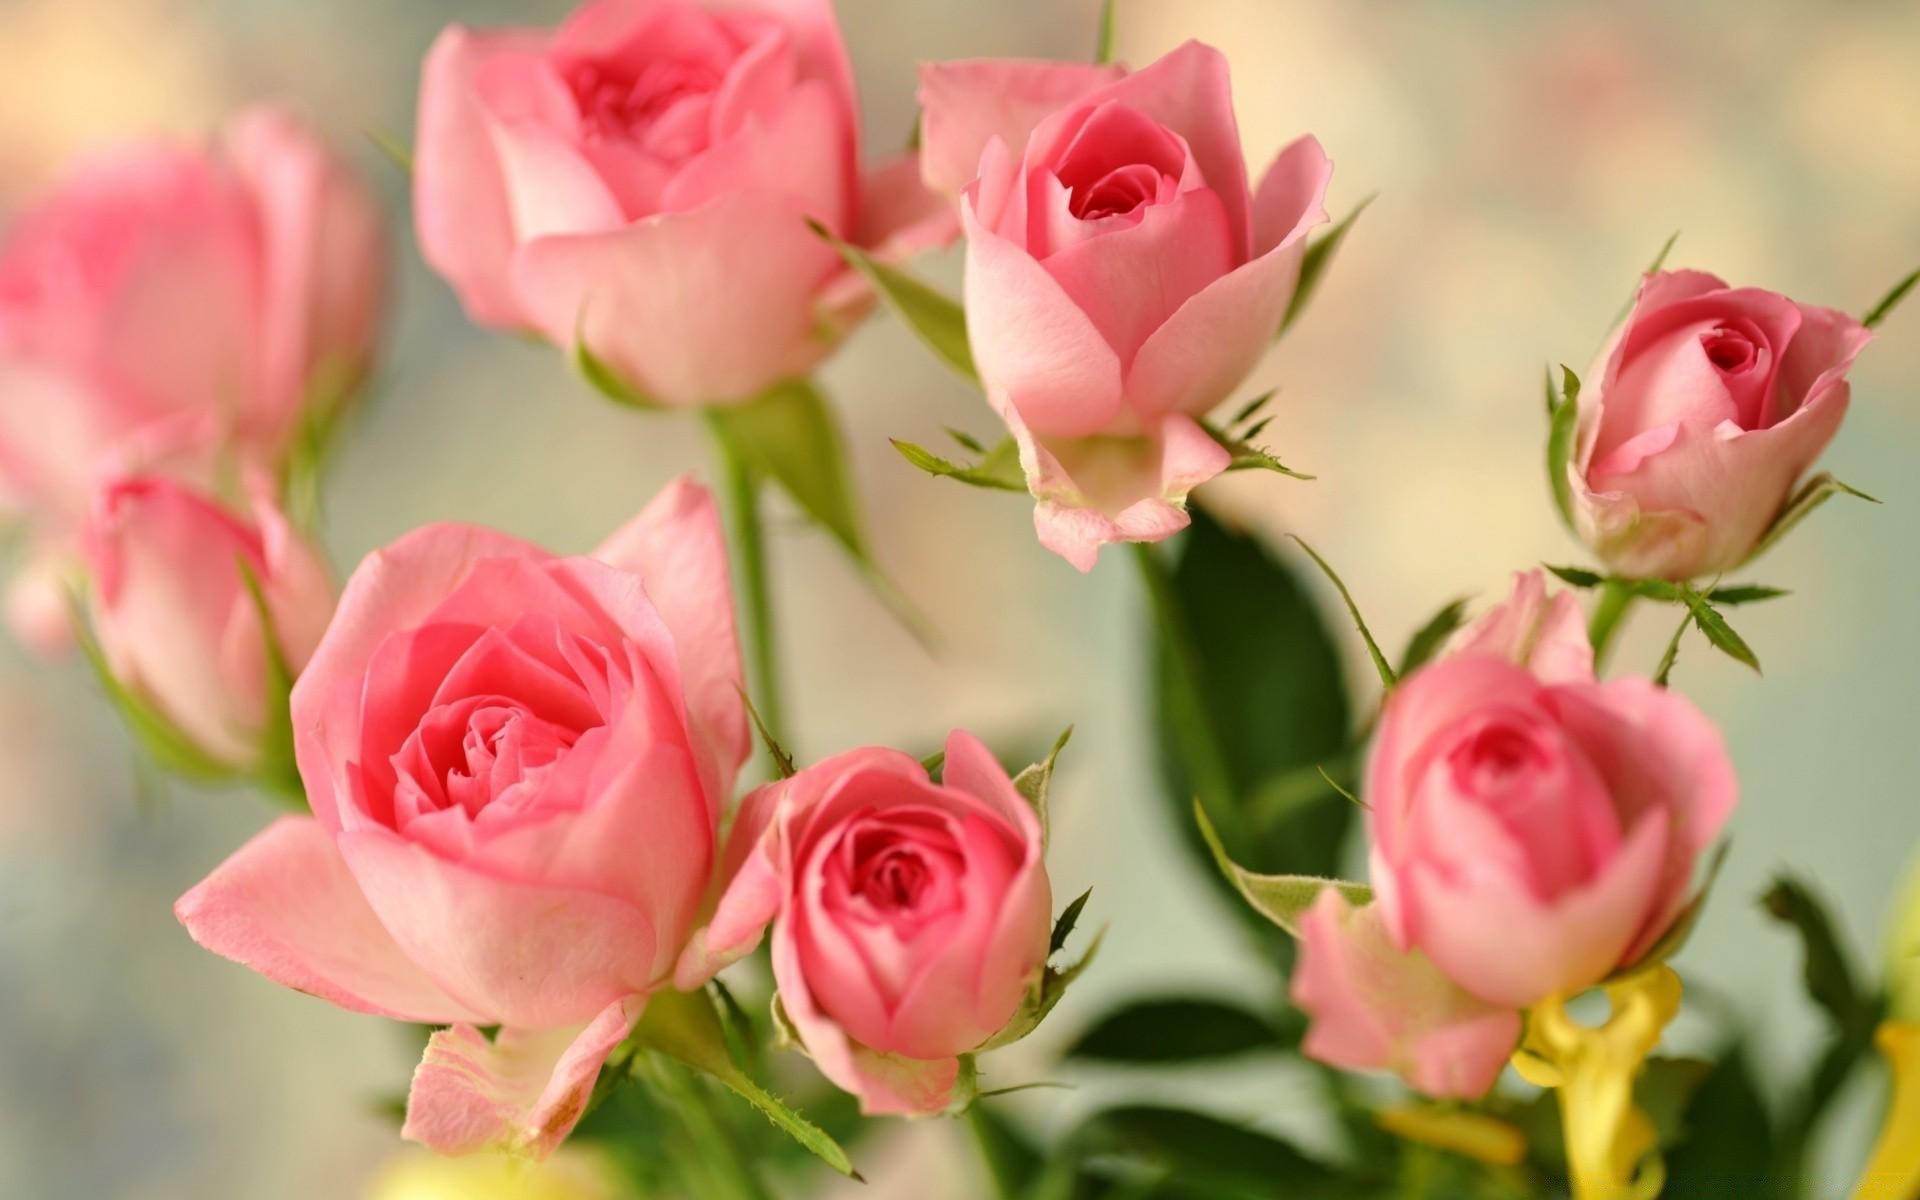 слышала картинка на рабочий стол розы нежные пальто драповые можно